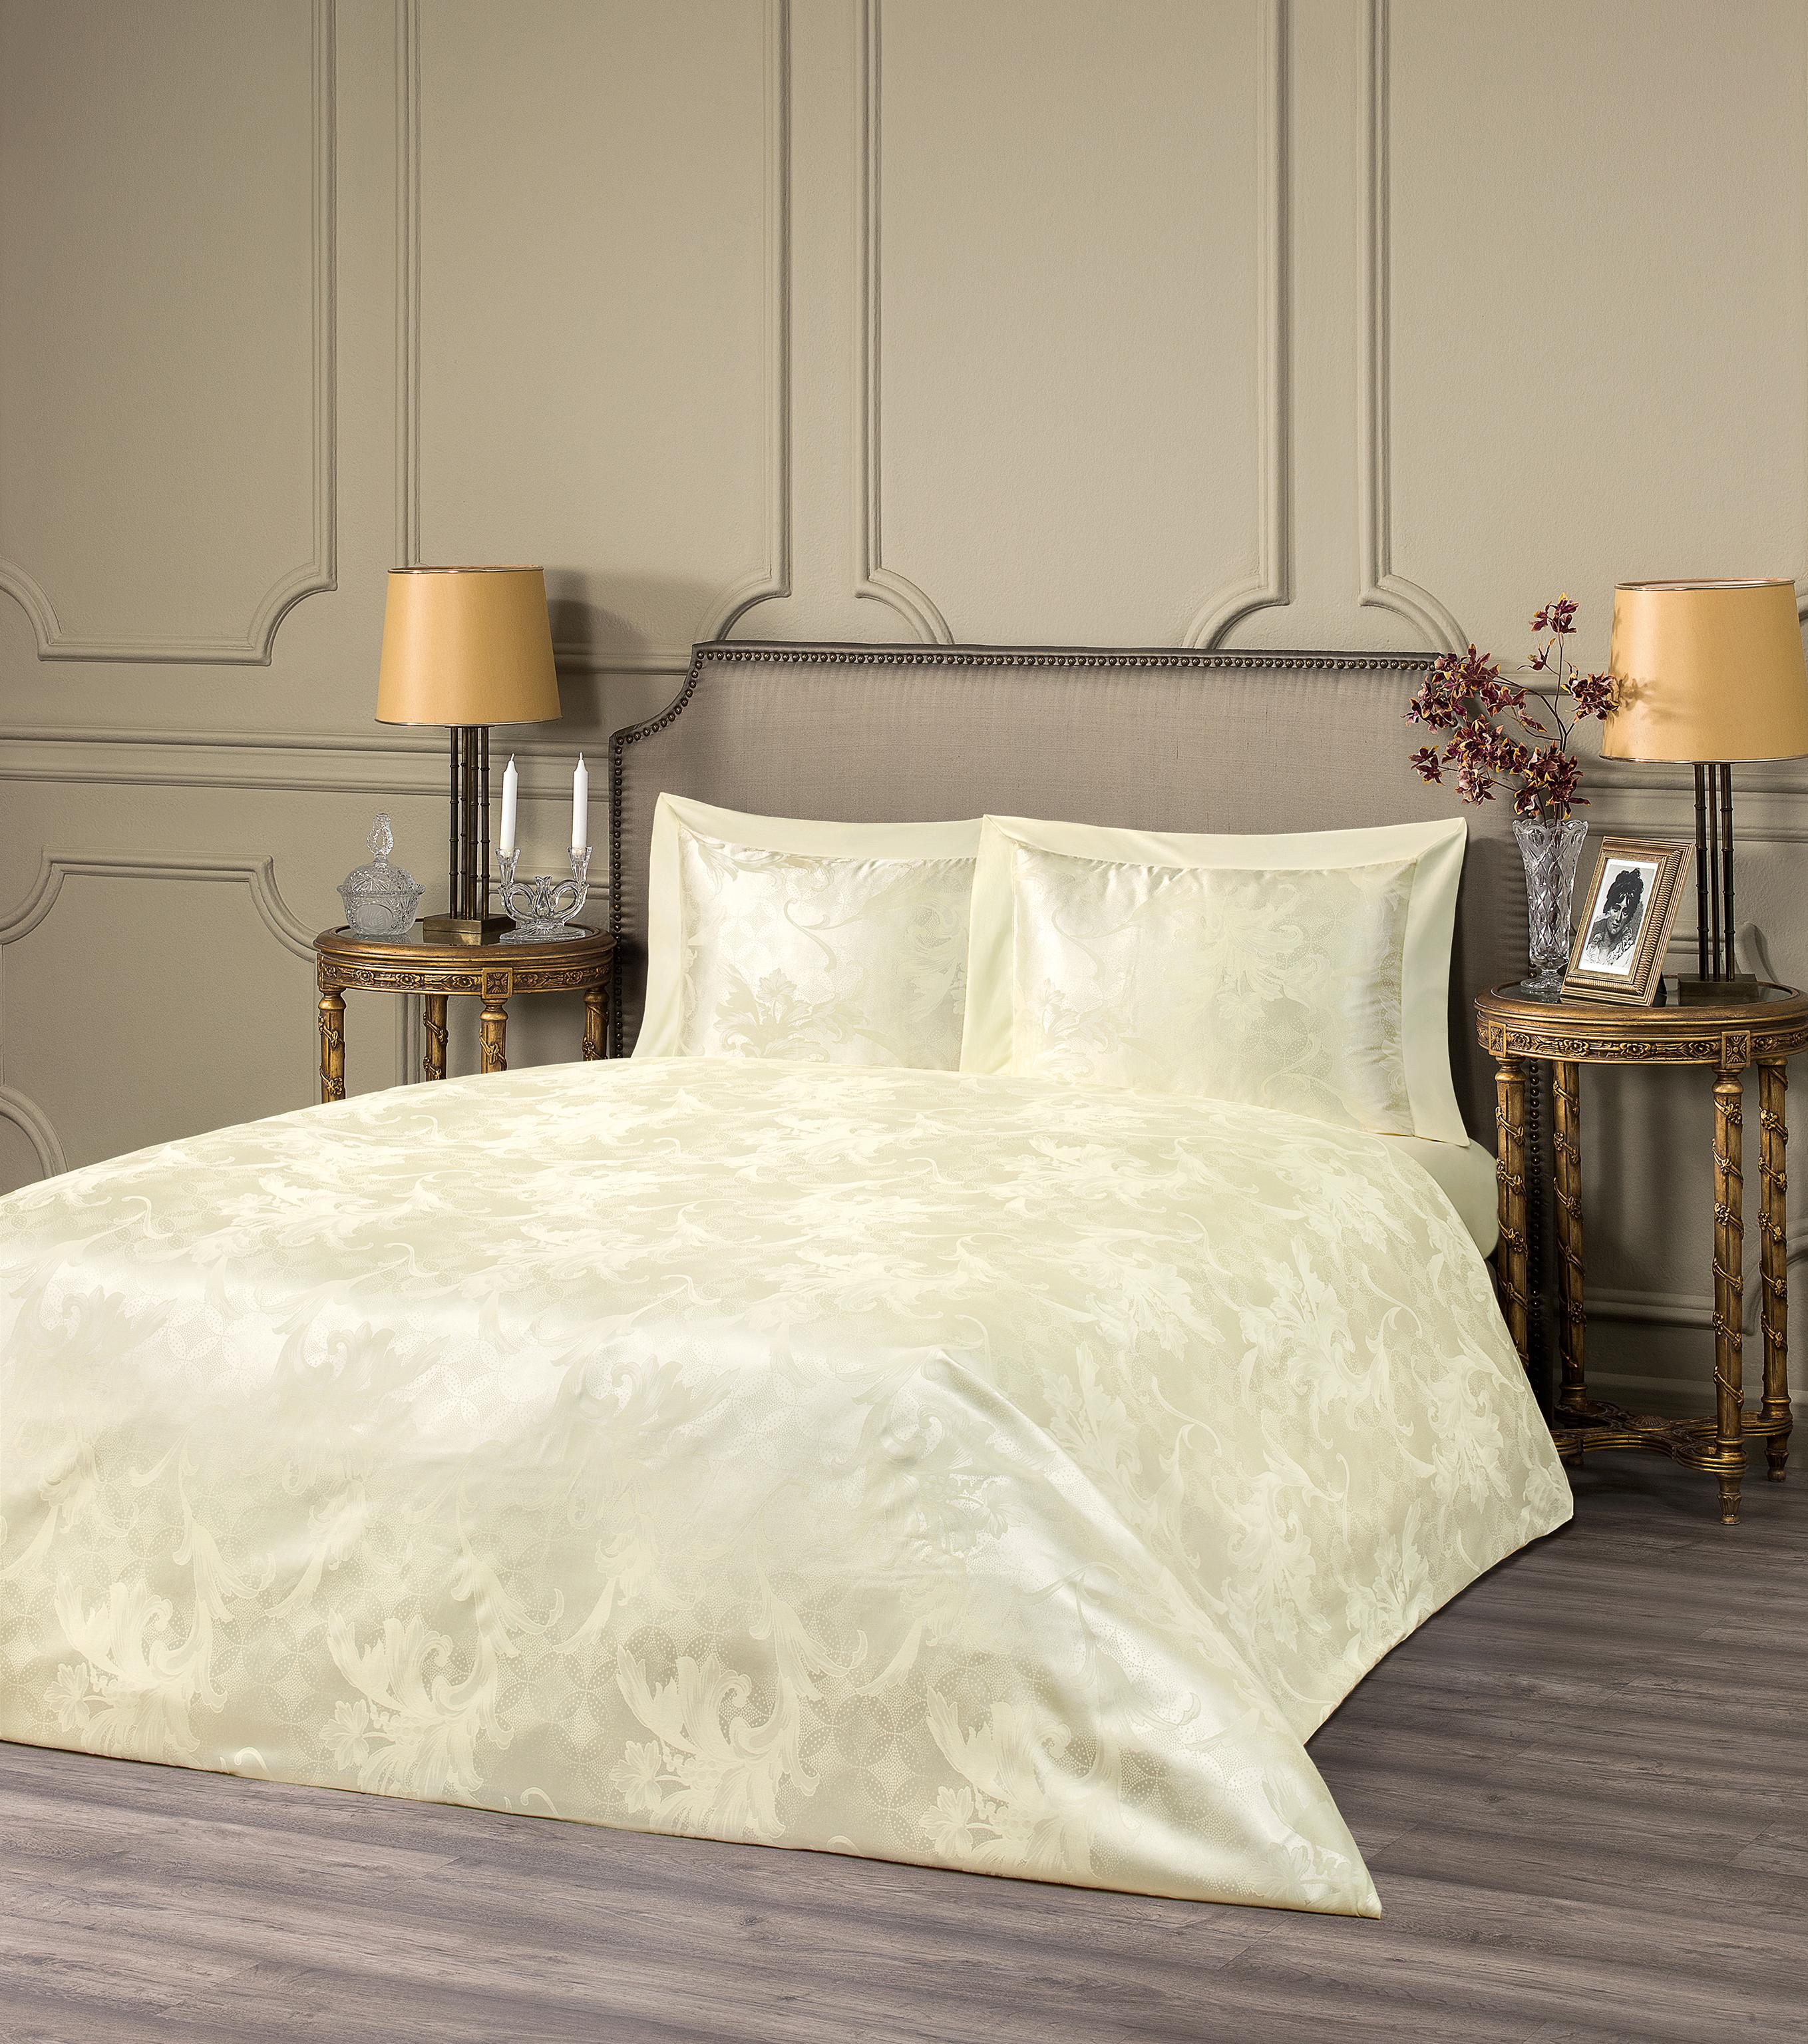 Купить Комплекты постельного белья ESTIA, Постельное белье Джоанна Цвет: Экрю (семейное), Греция, Вискозный сатин